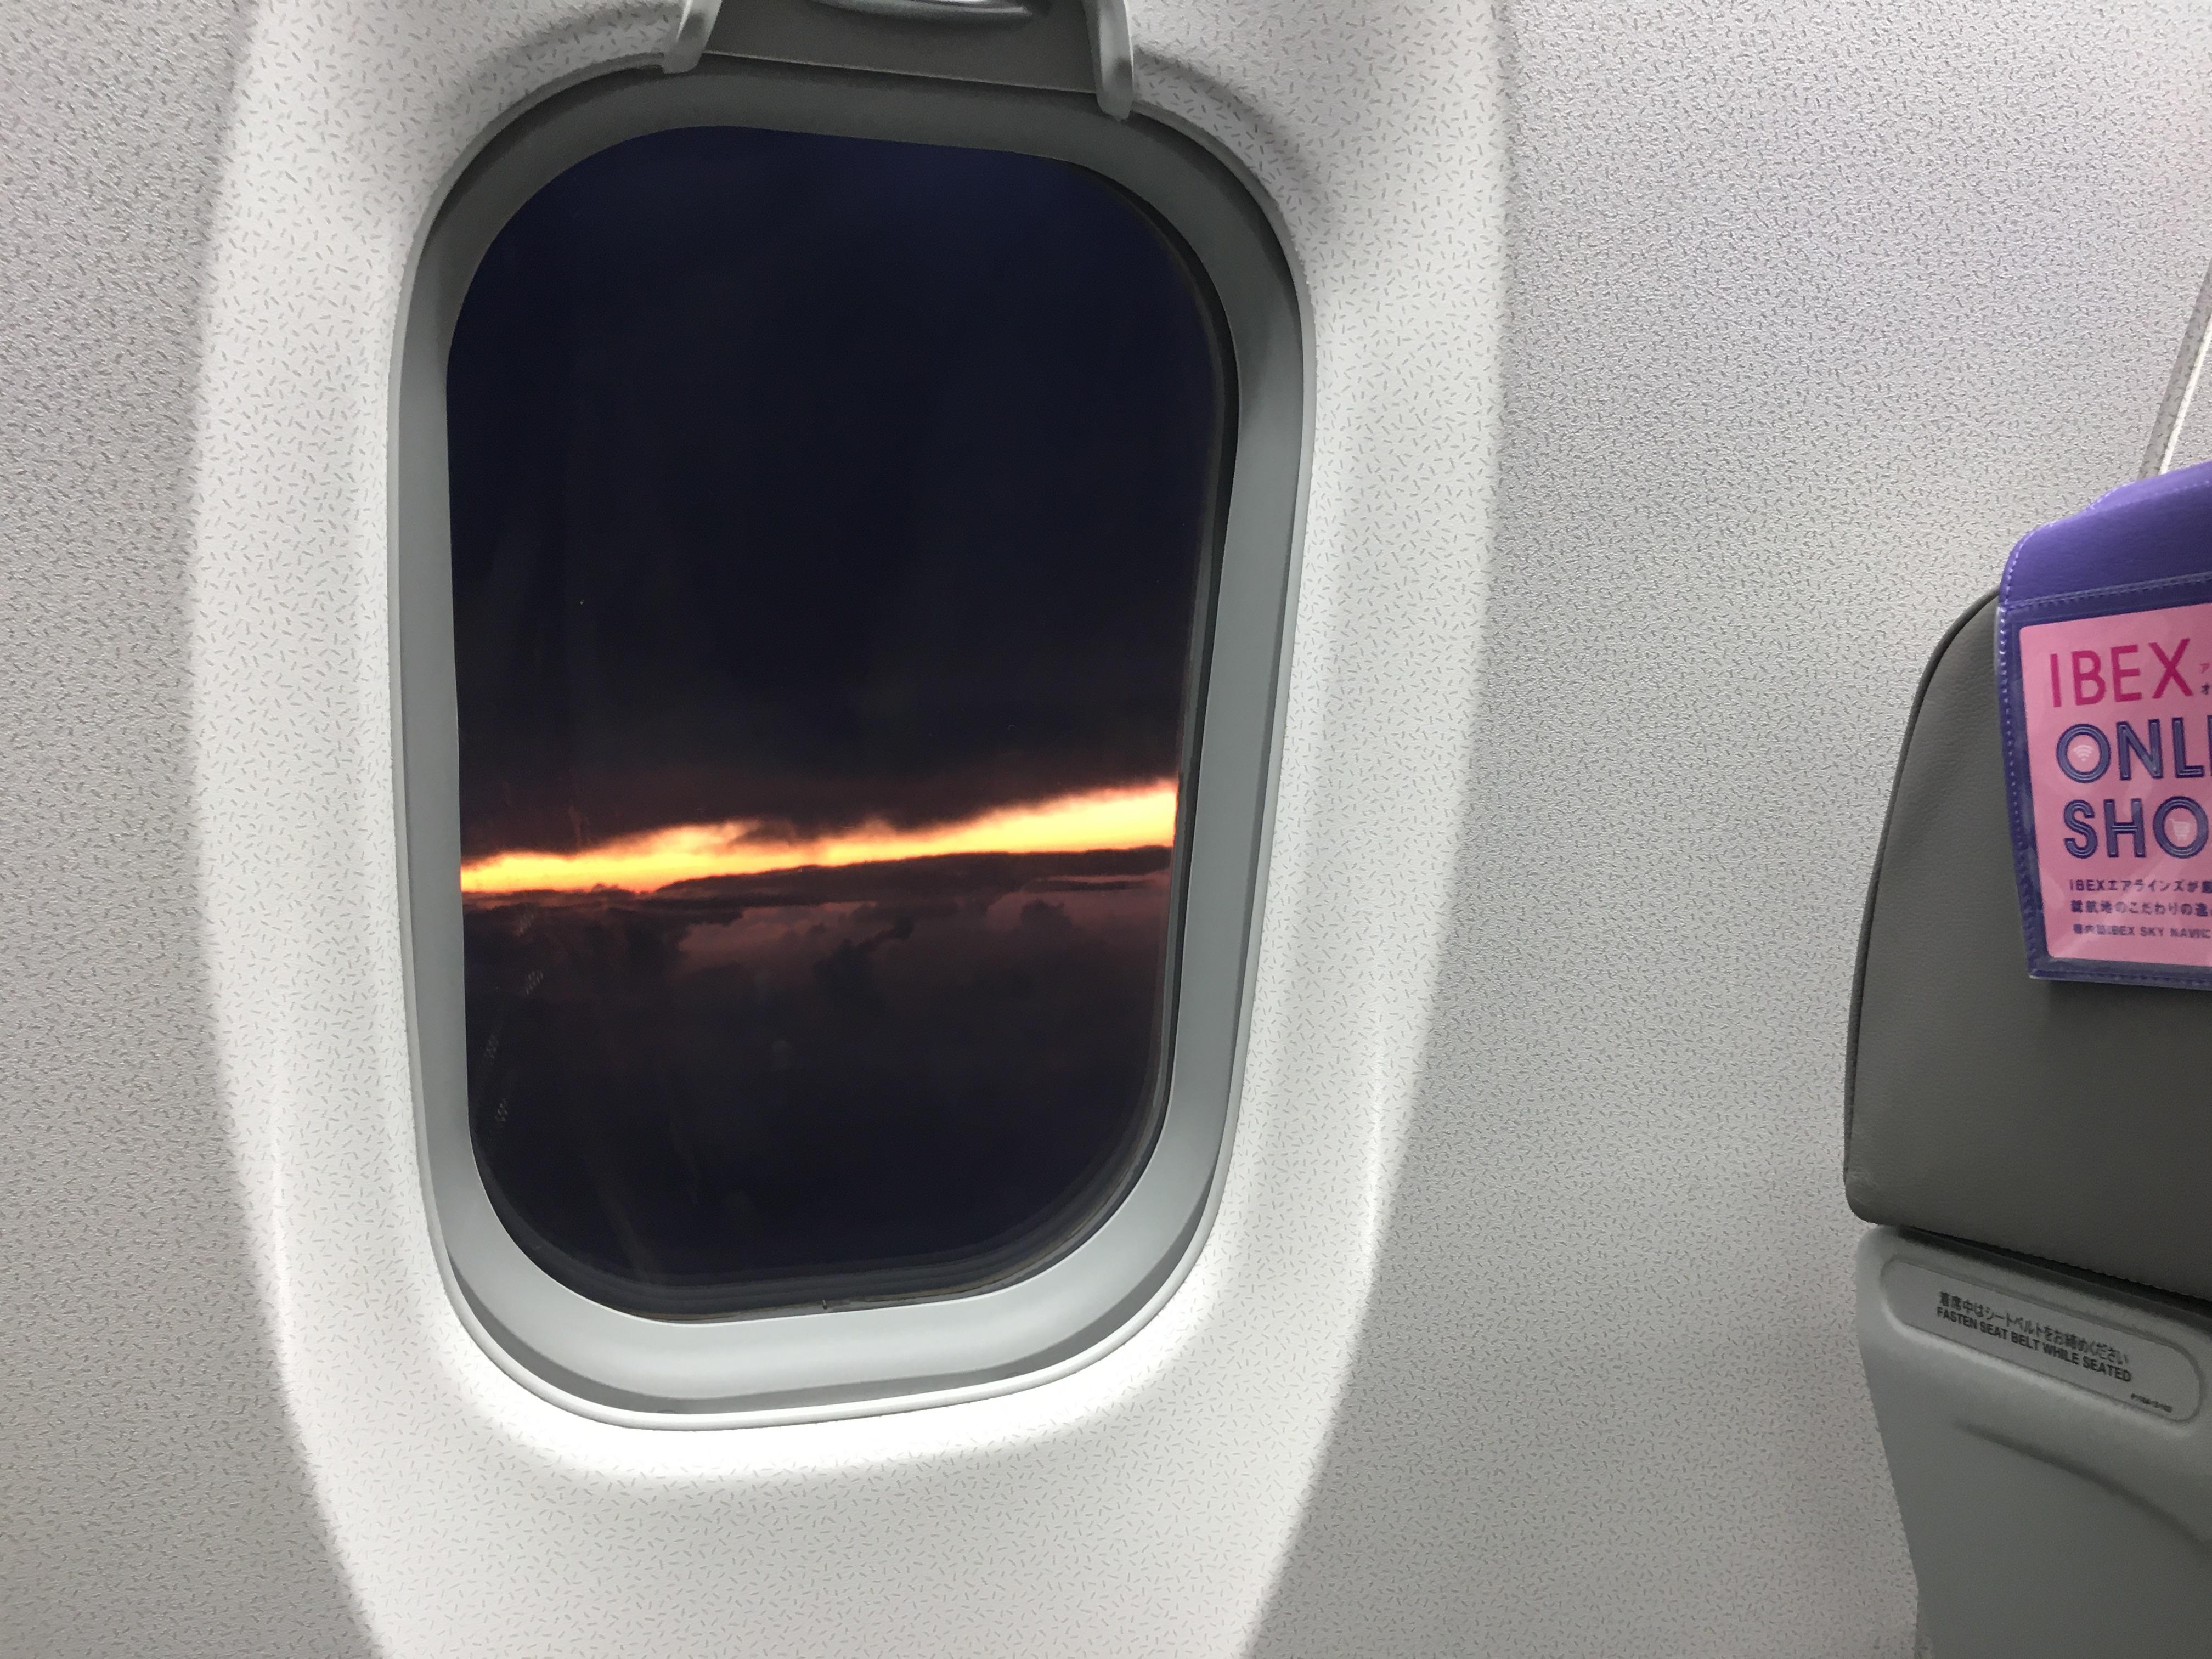 ANA(NH)と共同運航を行っているIBEXエアラインズ(FW)が成田(NRT)・小松(KMQ)から撤退